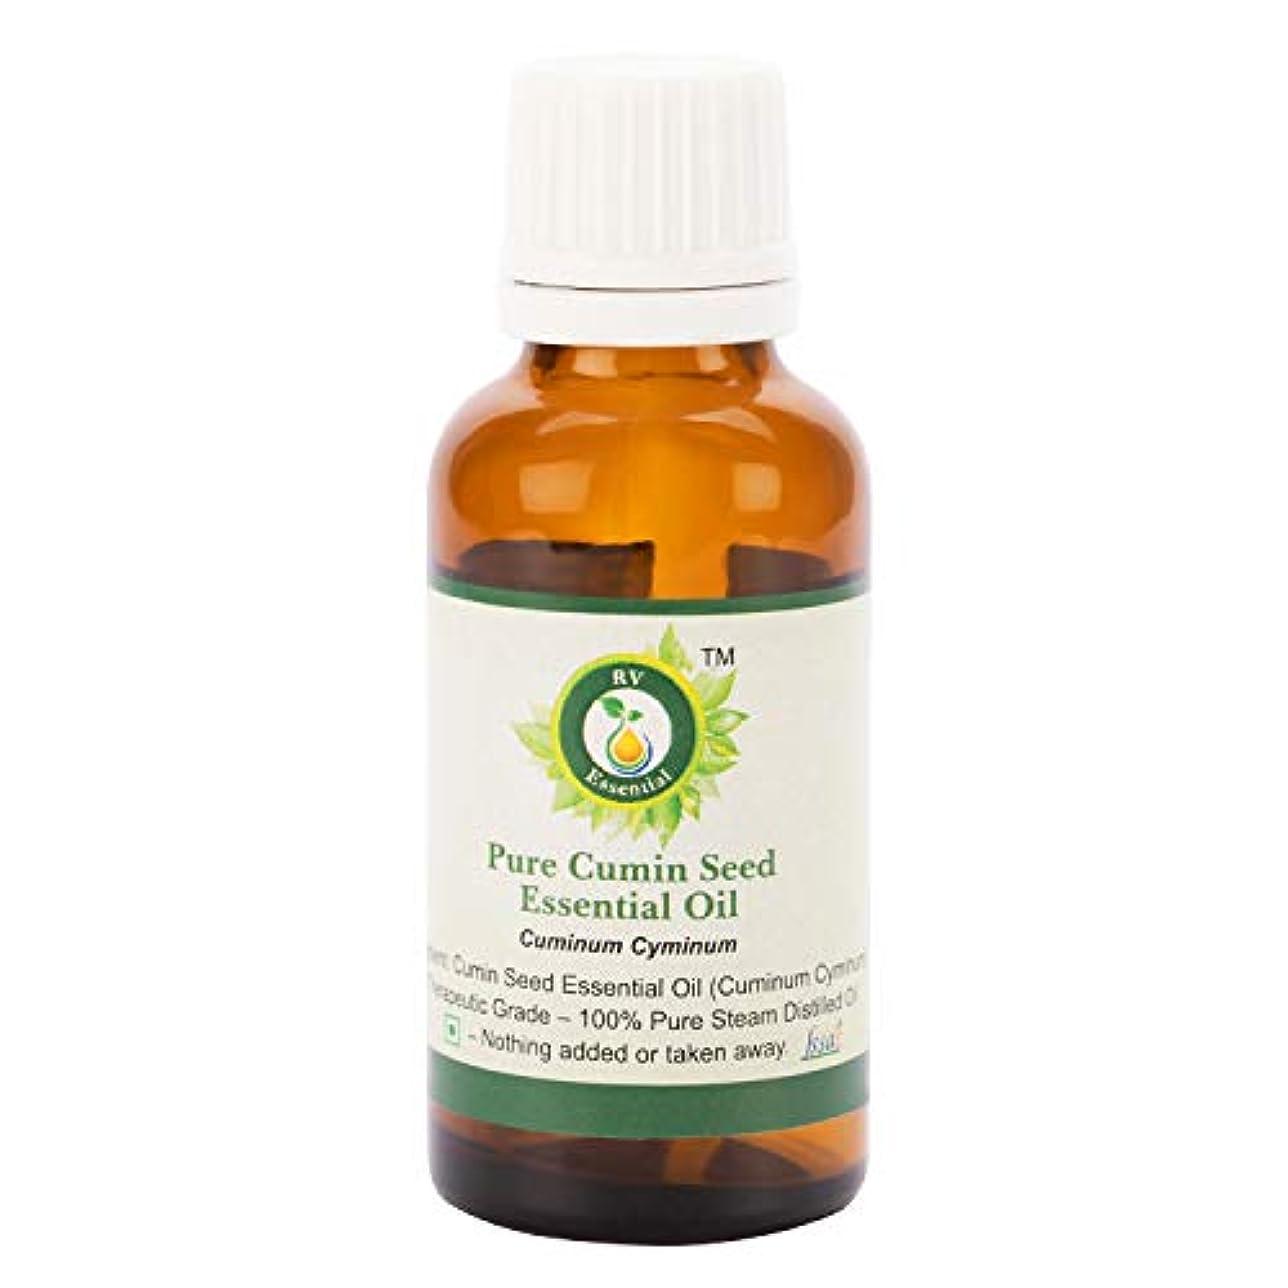 先祖忠誠憂鬱ピュアクミンシードエッセンシャルオイル5ml (0.169oz)- Cuminum Cyminum (100%純粋&天然スチームDistilled) Pure Cumin Seed Essential Oil